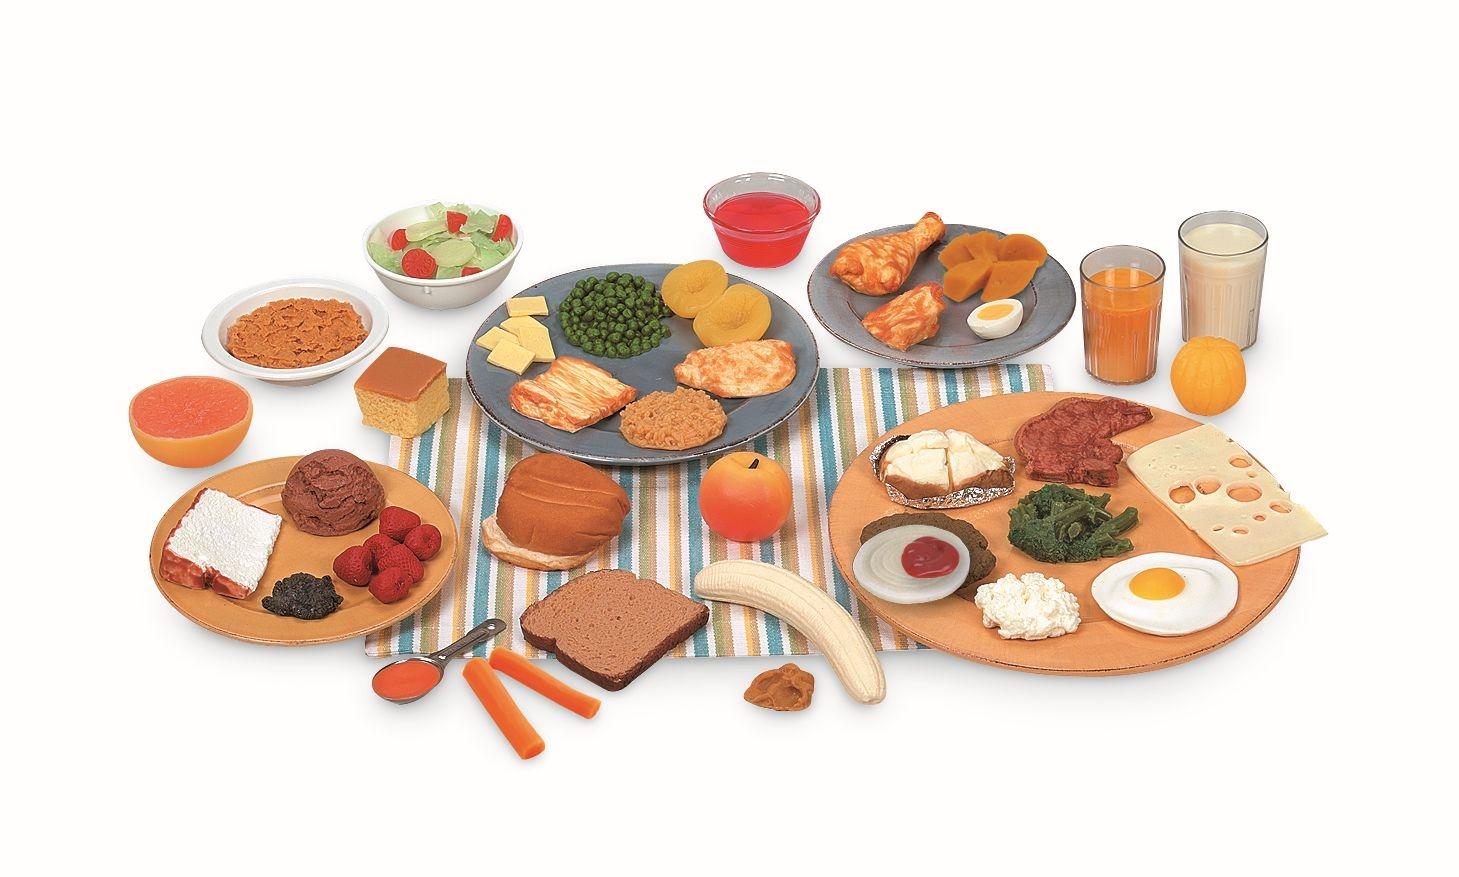 bdb323bf747 Réplicas de alimentos